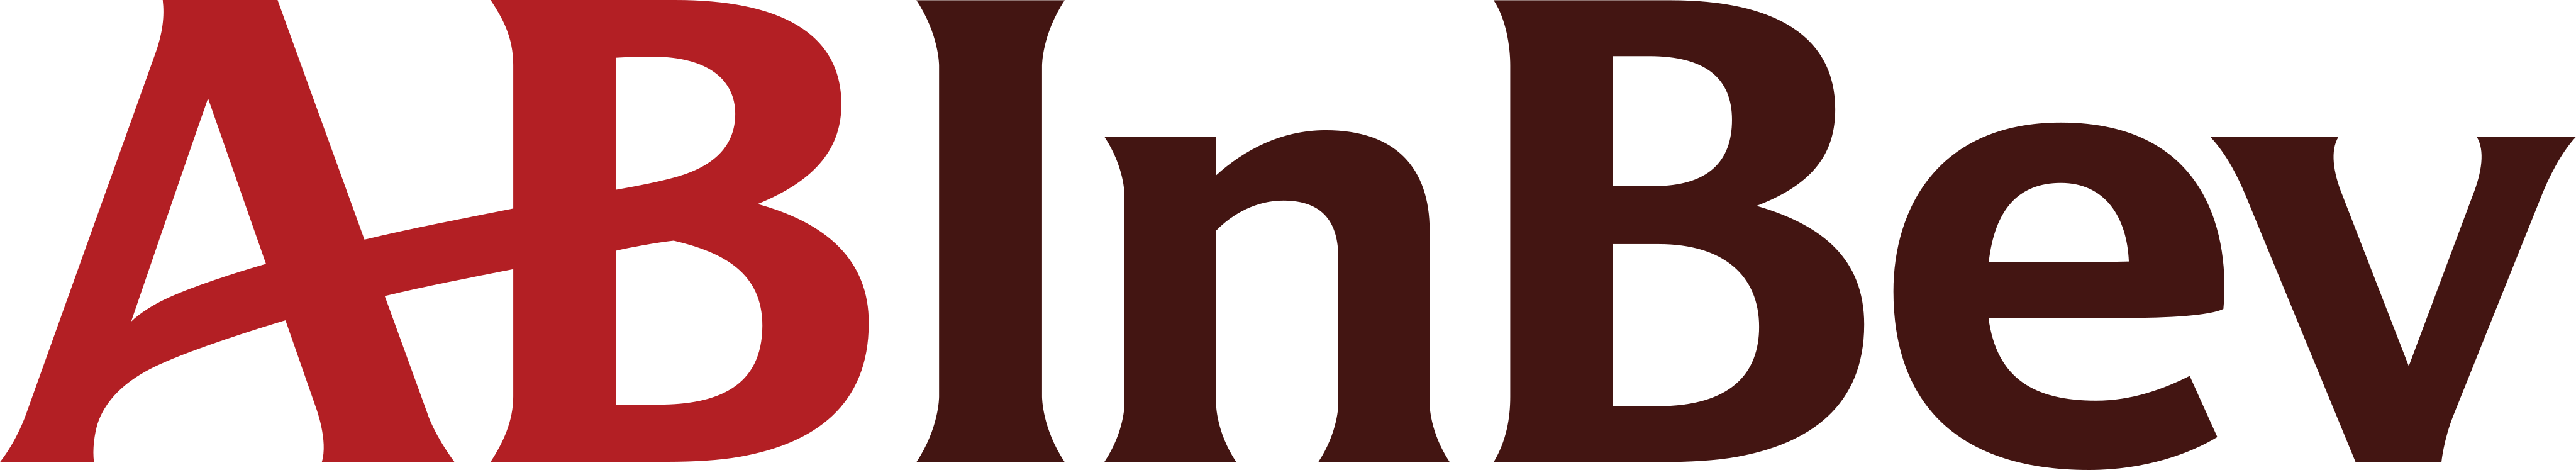 ab inbev logo - AB InBev Logo